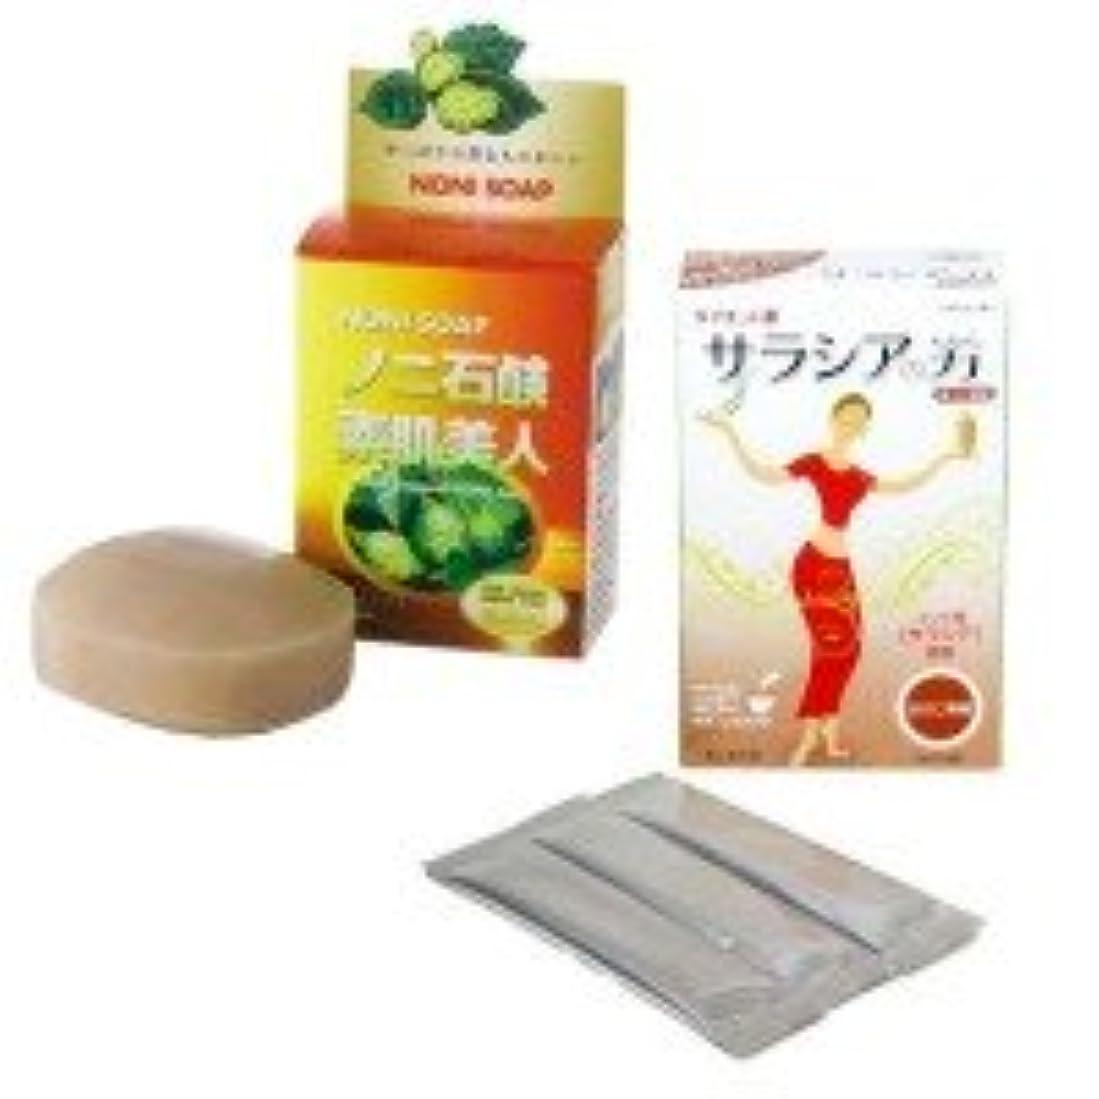 毎年非互換徹底的にノニ石鹸 素肌美人 100g & サラシアの力 ほうじ茶味 (1g×18包)